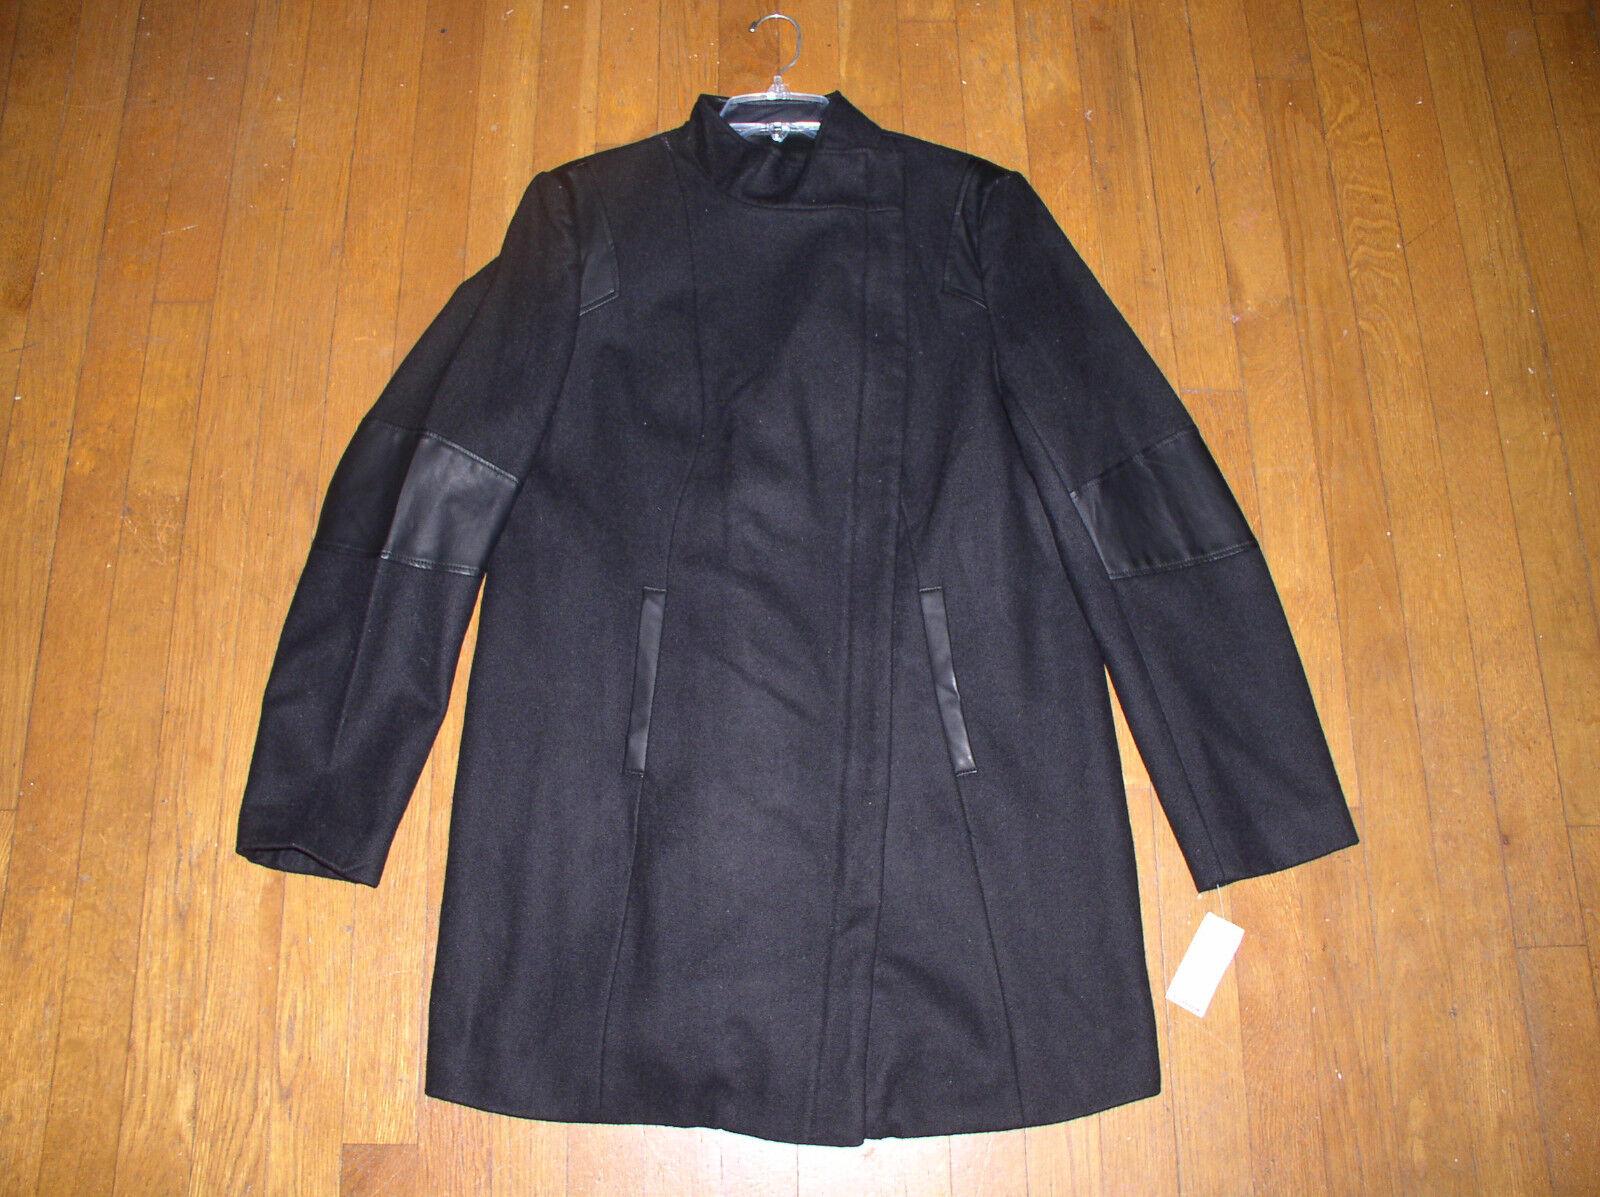 Dana buchman women coat, size L,